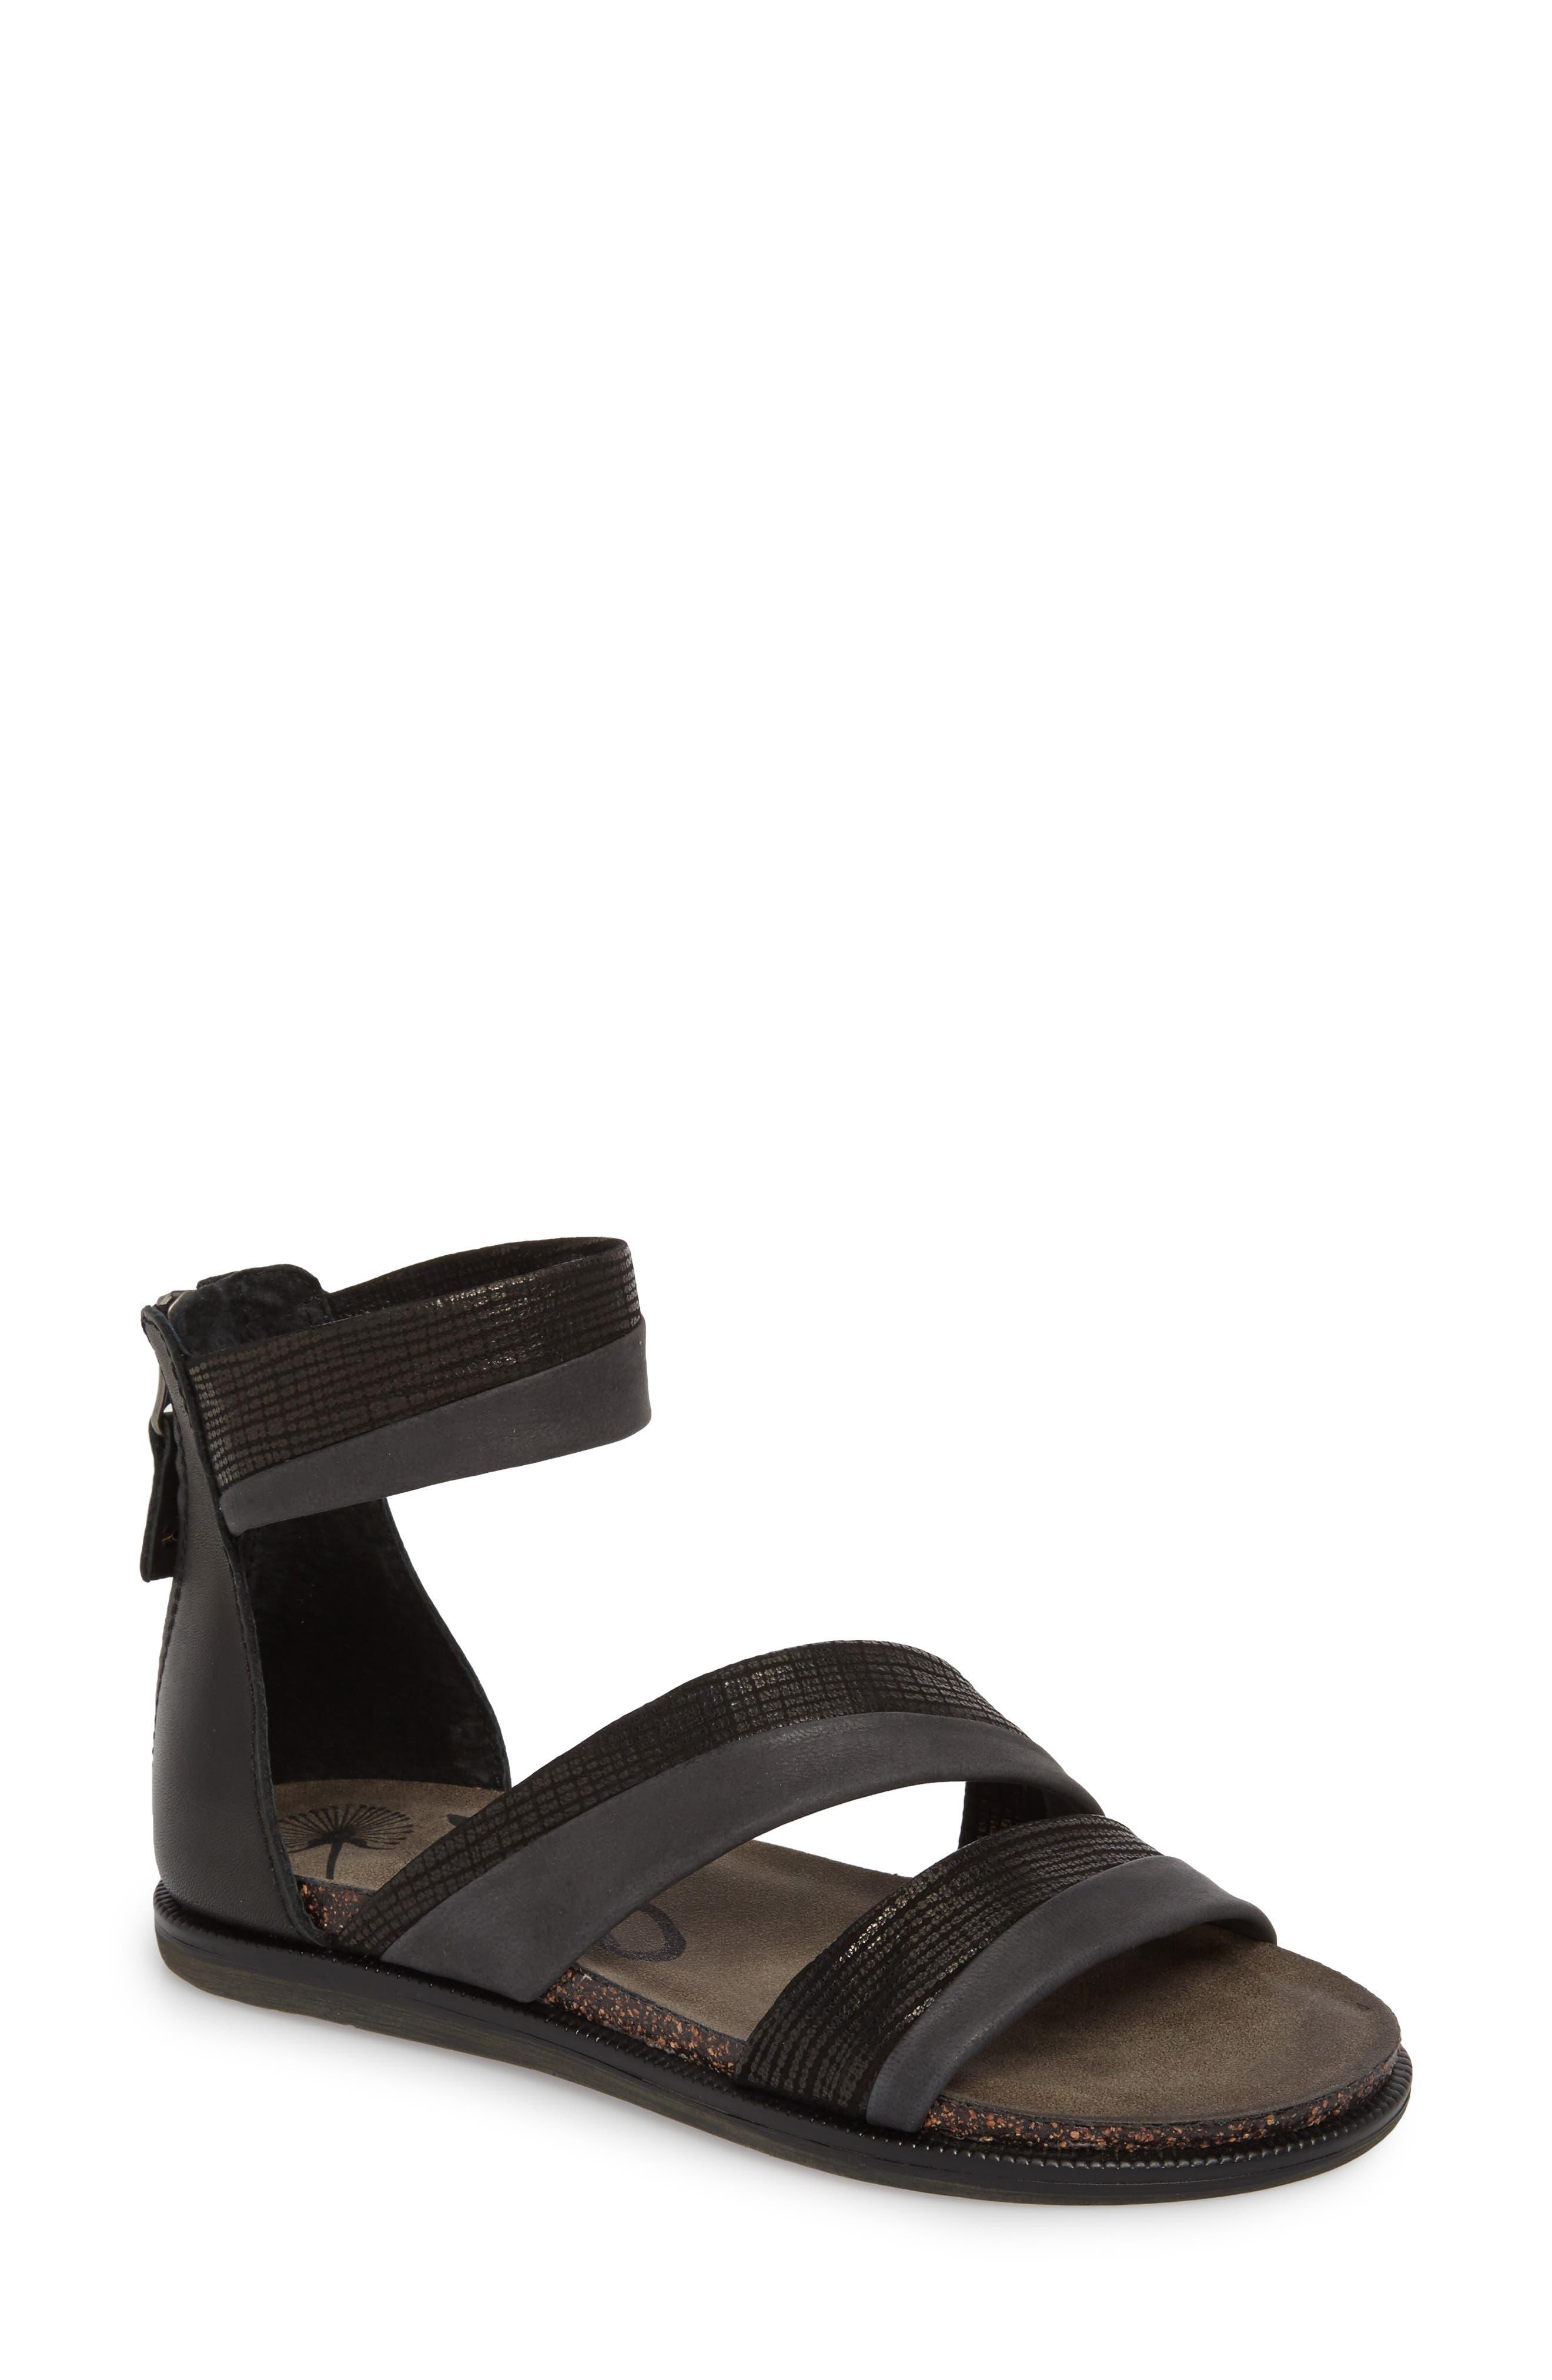 Souvenir Sandal,                         Main,                         color, 001